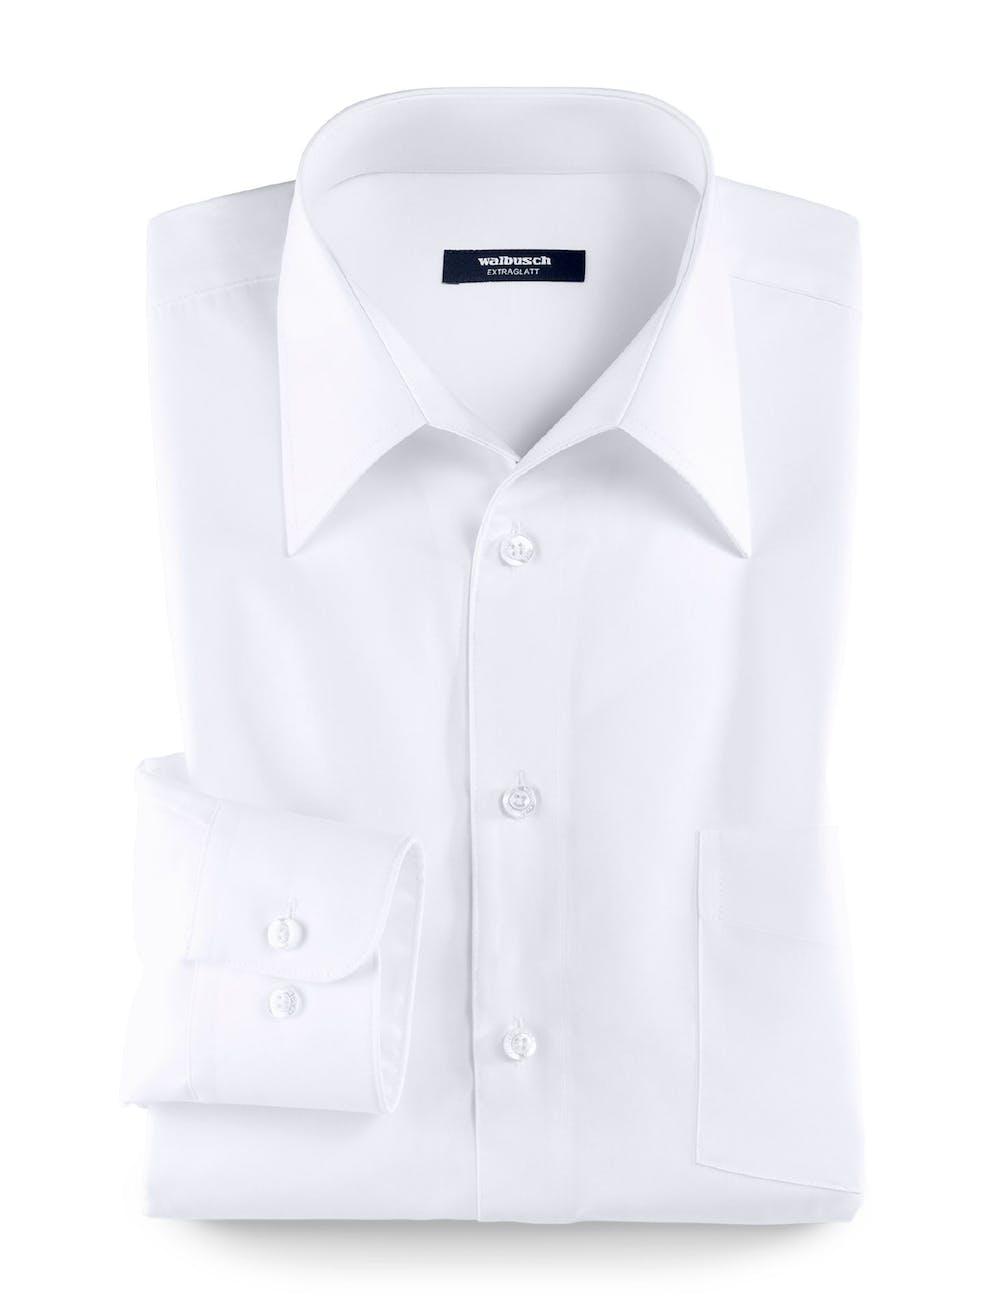 Hemden Knigge: Wann steckt man das Hemd in die Hose?